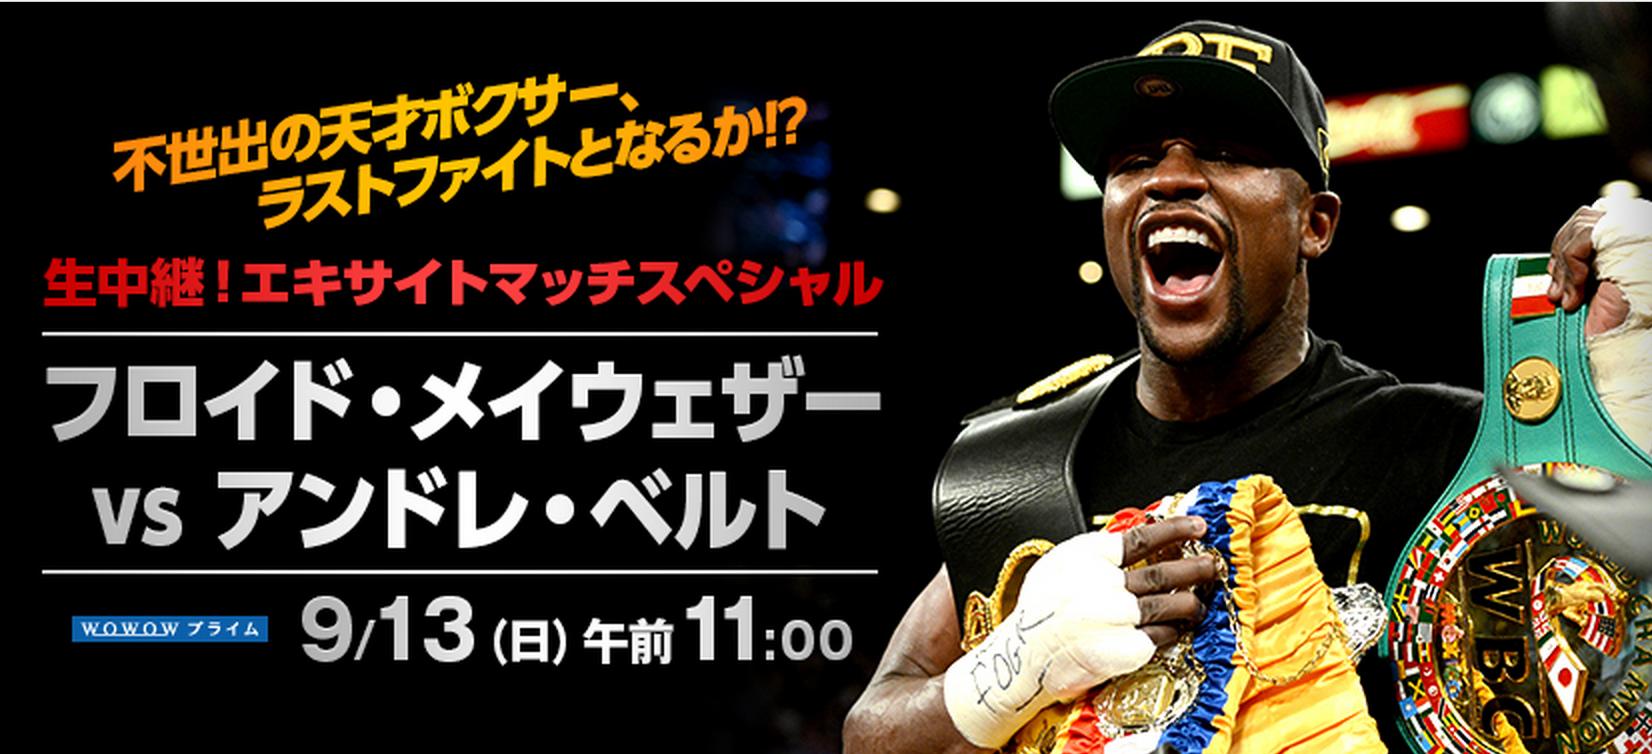 WOWOWでメイウェザーVSベルトの試合が9/13に生放送!世界レベルのボクシングを見よう!